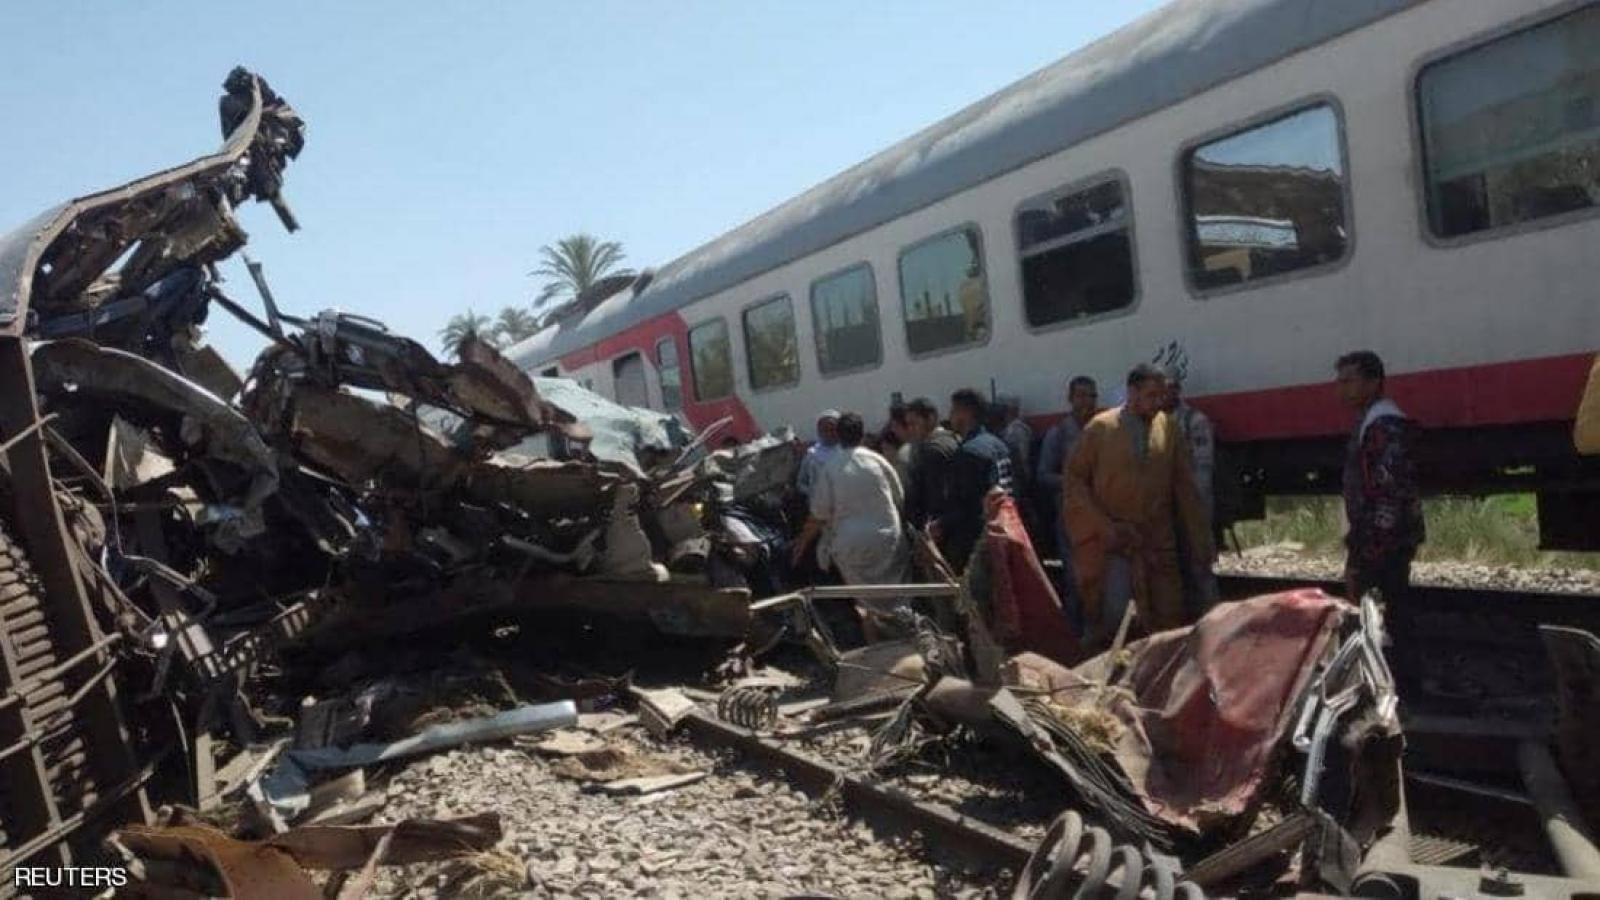 Ai Cập thông qua các biện pháp khẩn cấp để giảm số vụ tai nạn tàu hỏa